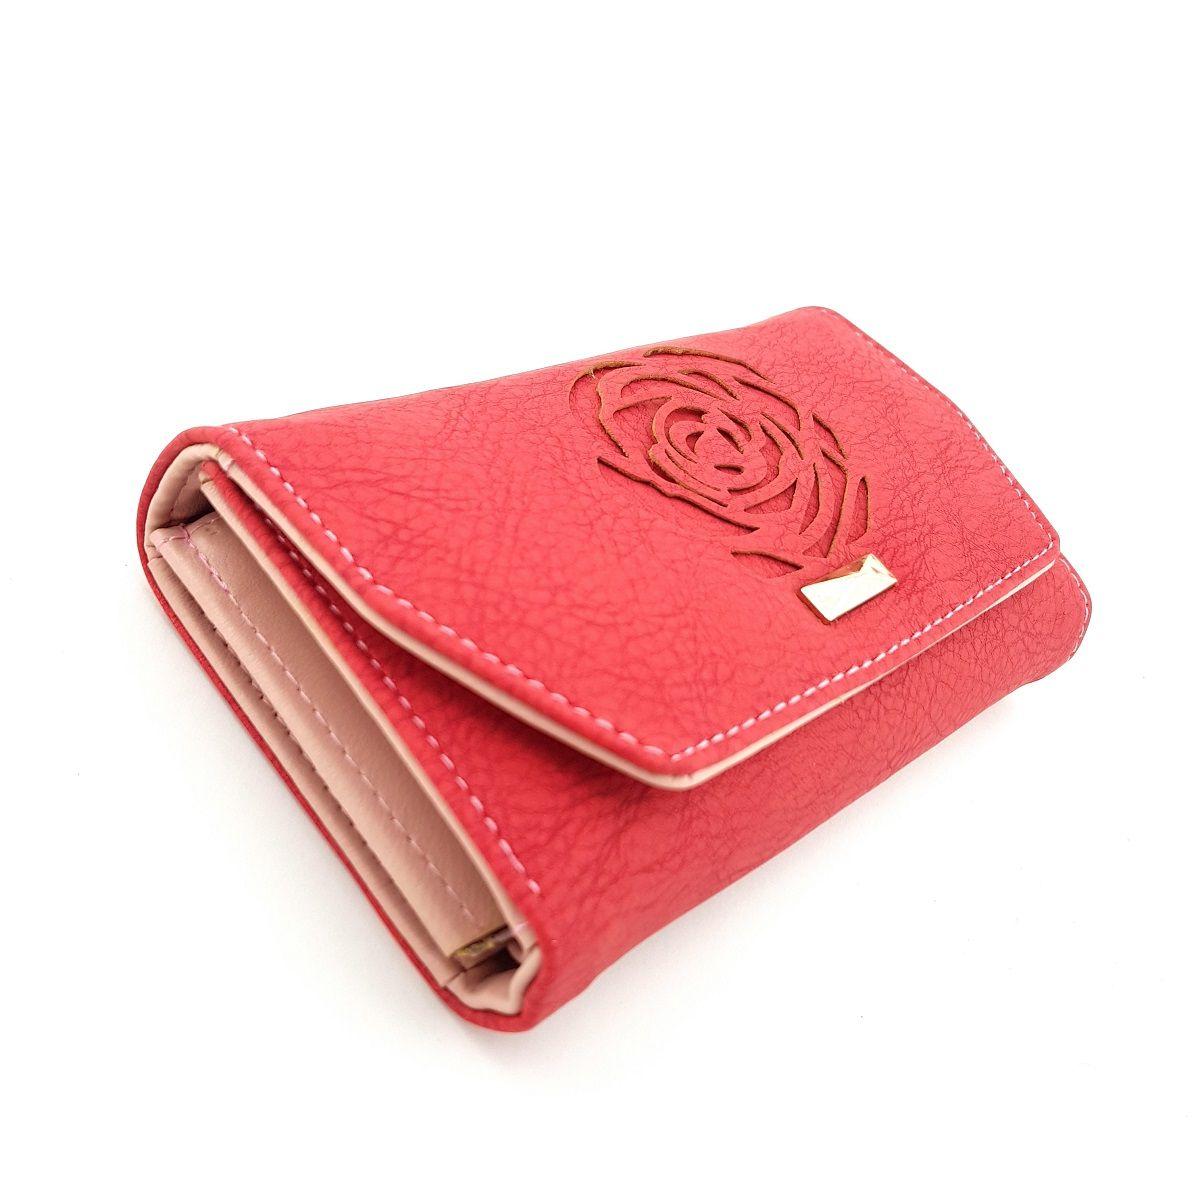 کیف پول زنانه طرح گل رز -  - 3